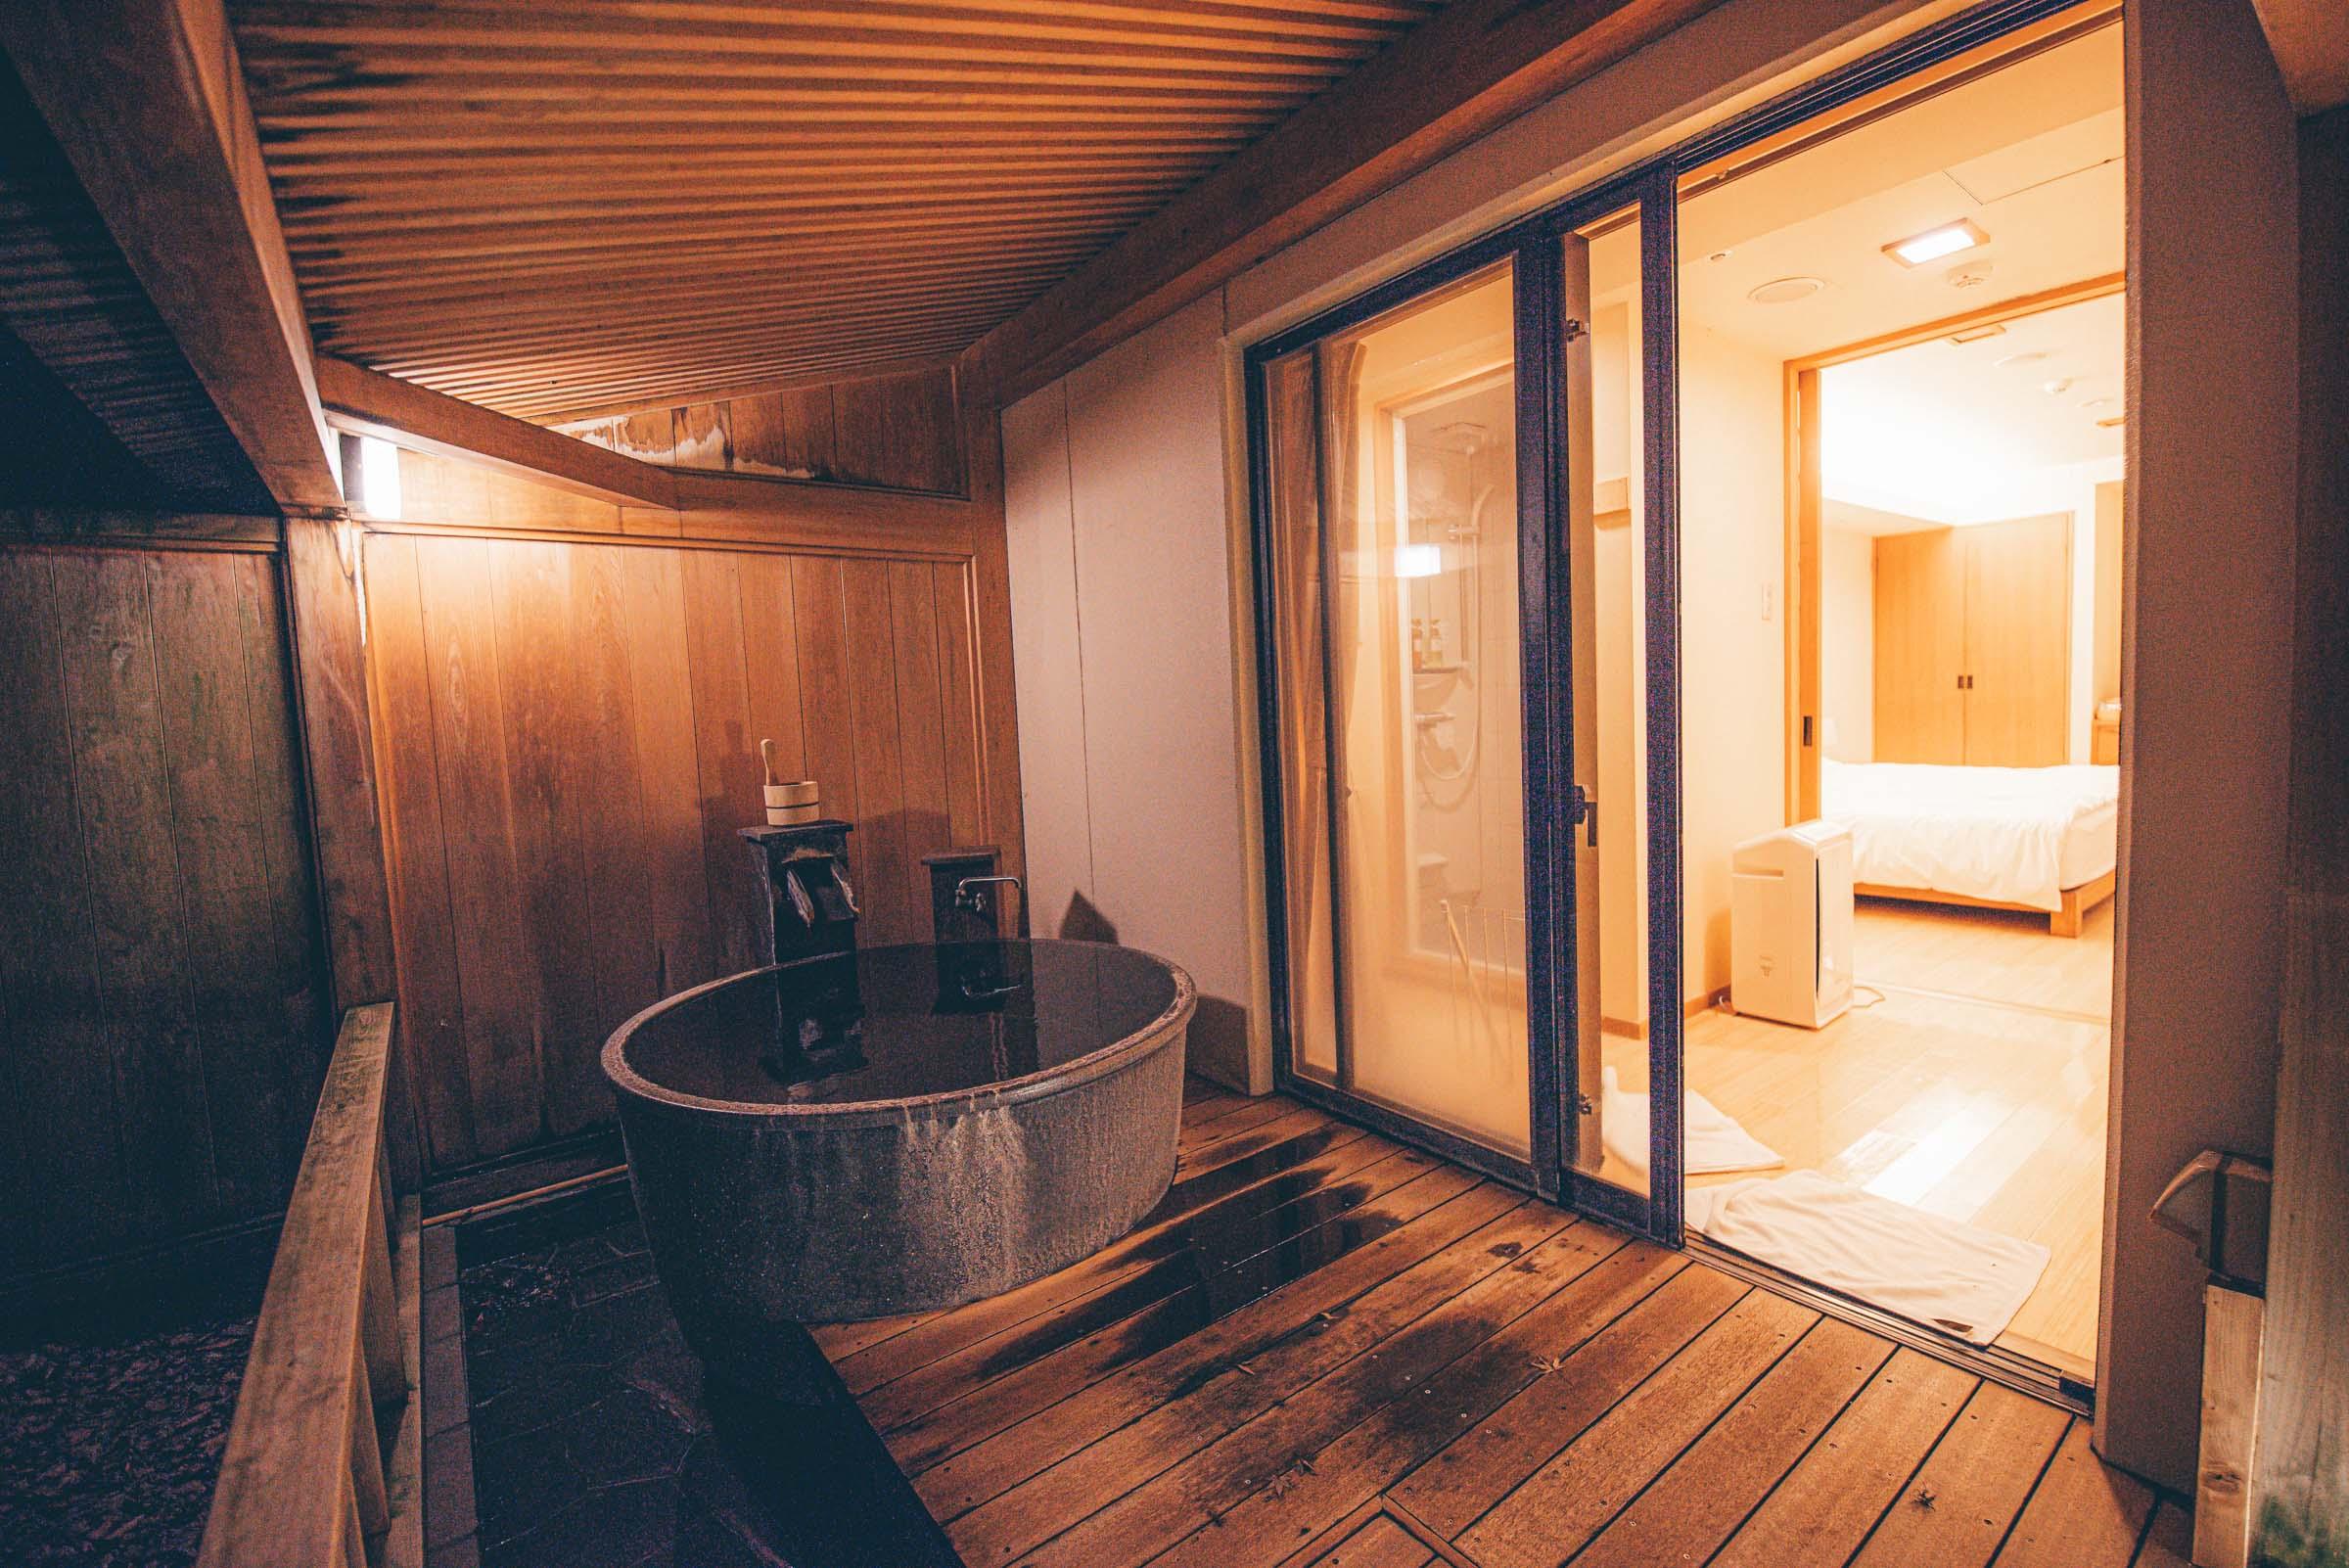 Hakone, Japan - Hotel Hatsuhana